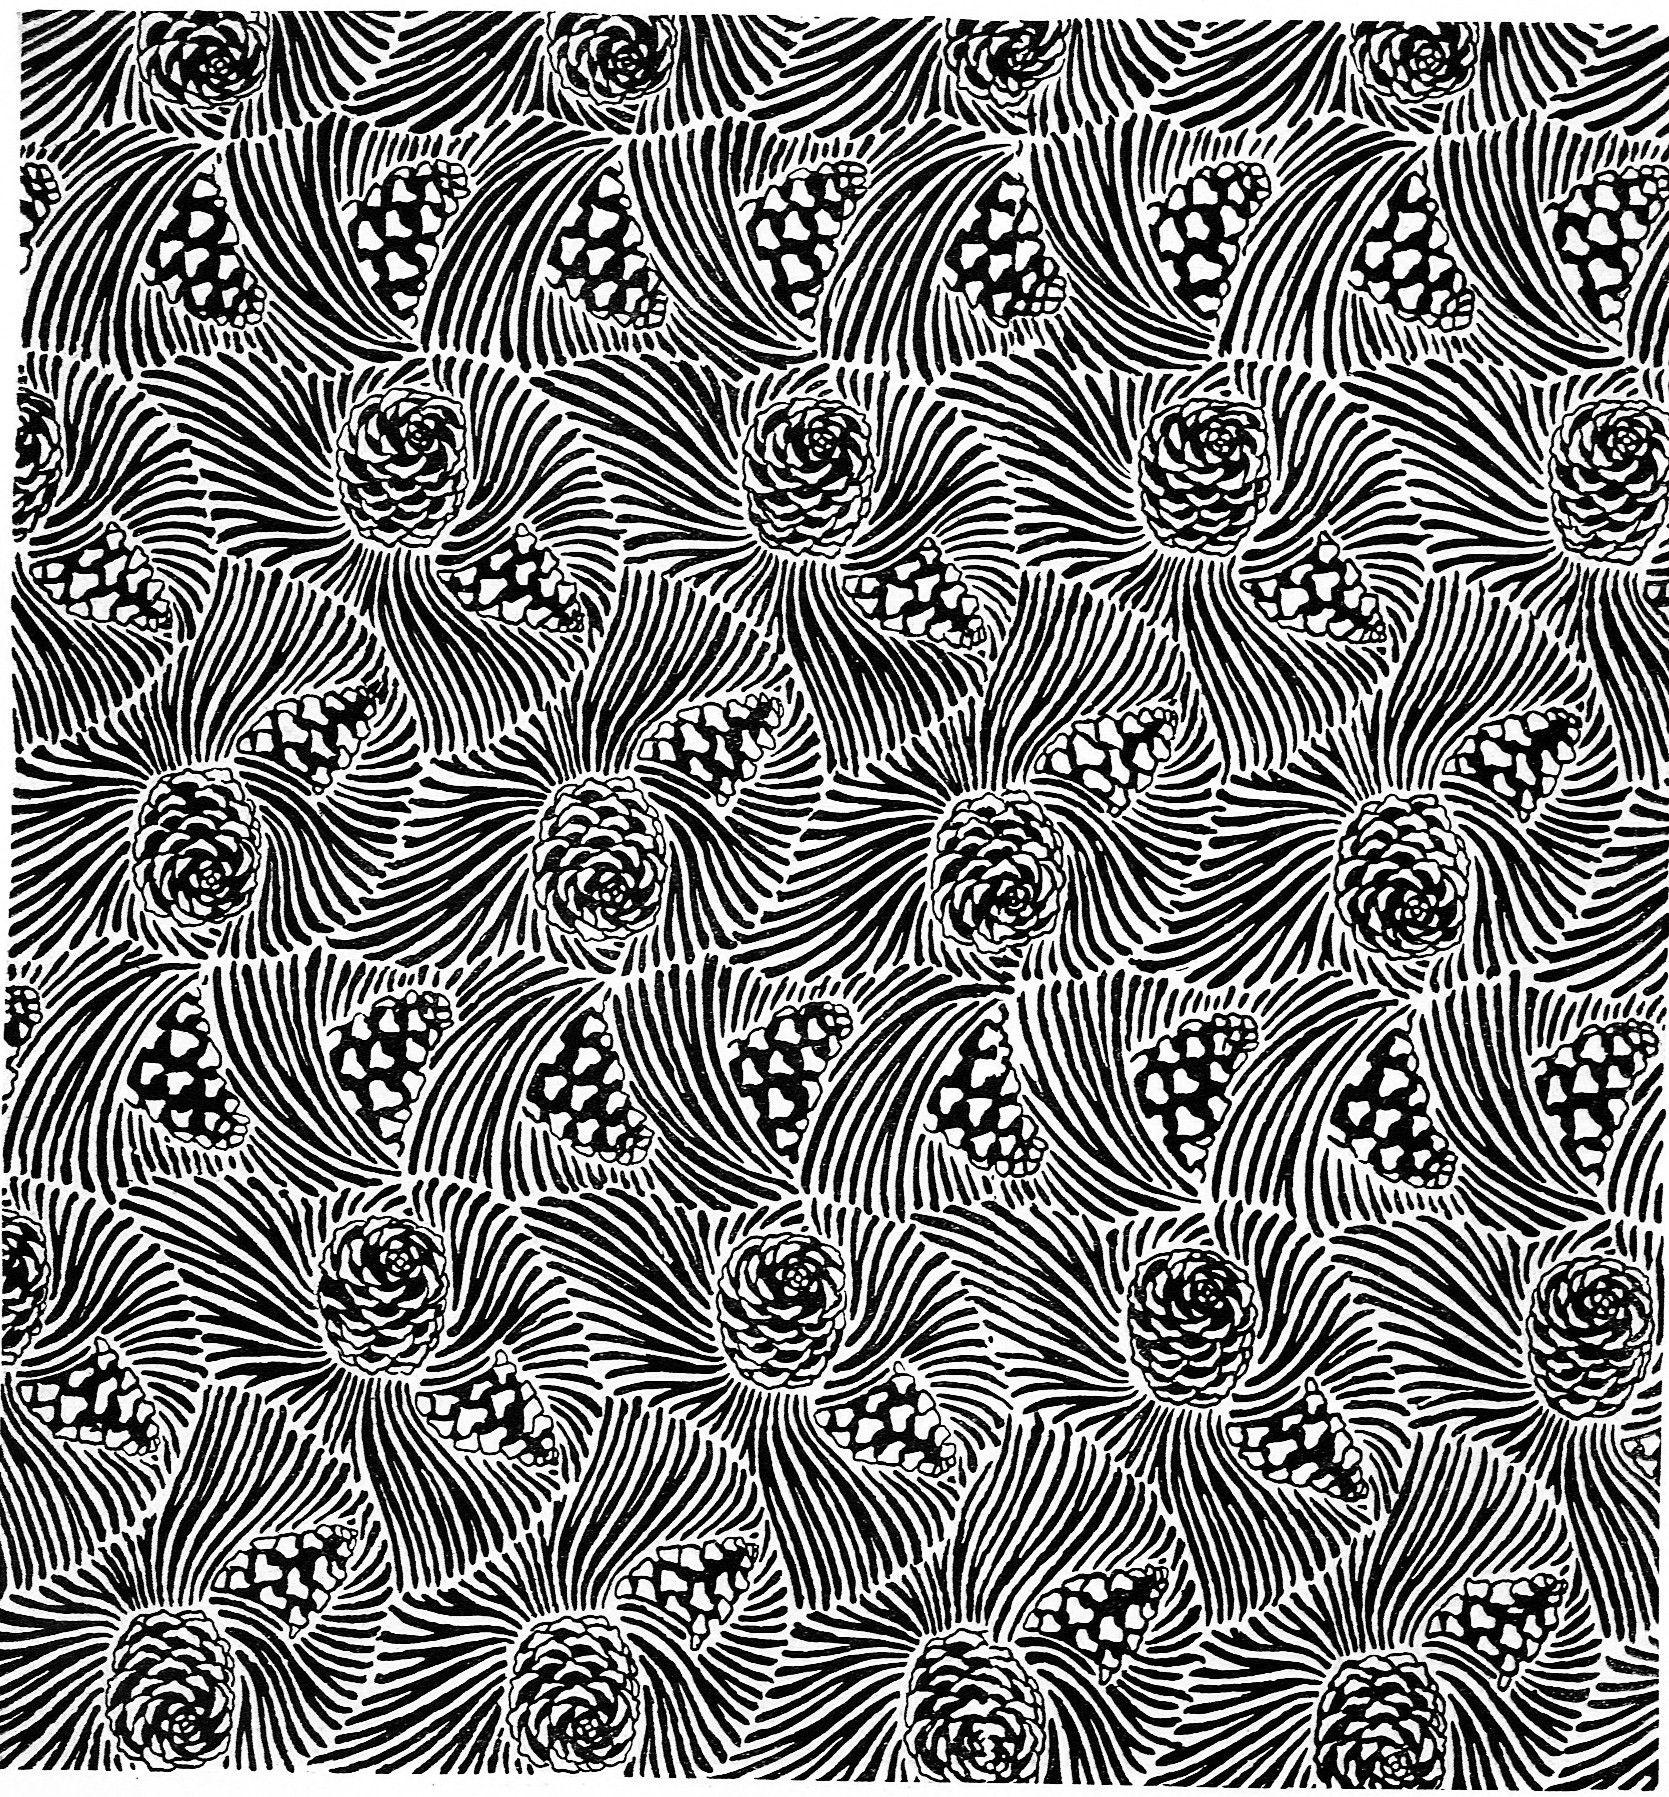 """""""Pinus austriacus"""", design for a tapestry, seamless pine cone and pine needle, from the periodical Ver Sacrum (Mittheilungen der Vereinigung Bildender Künstler Österreichs), April 1899"""